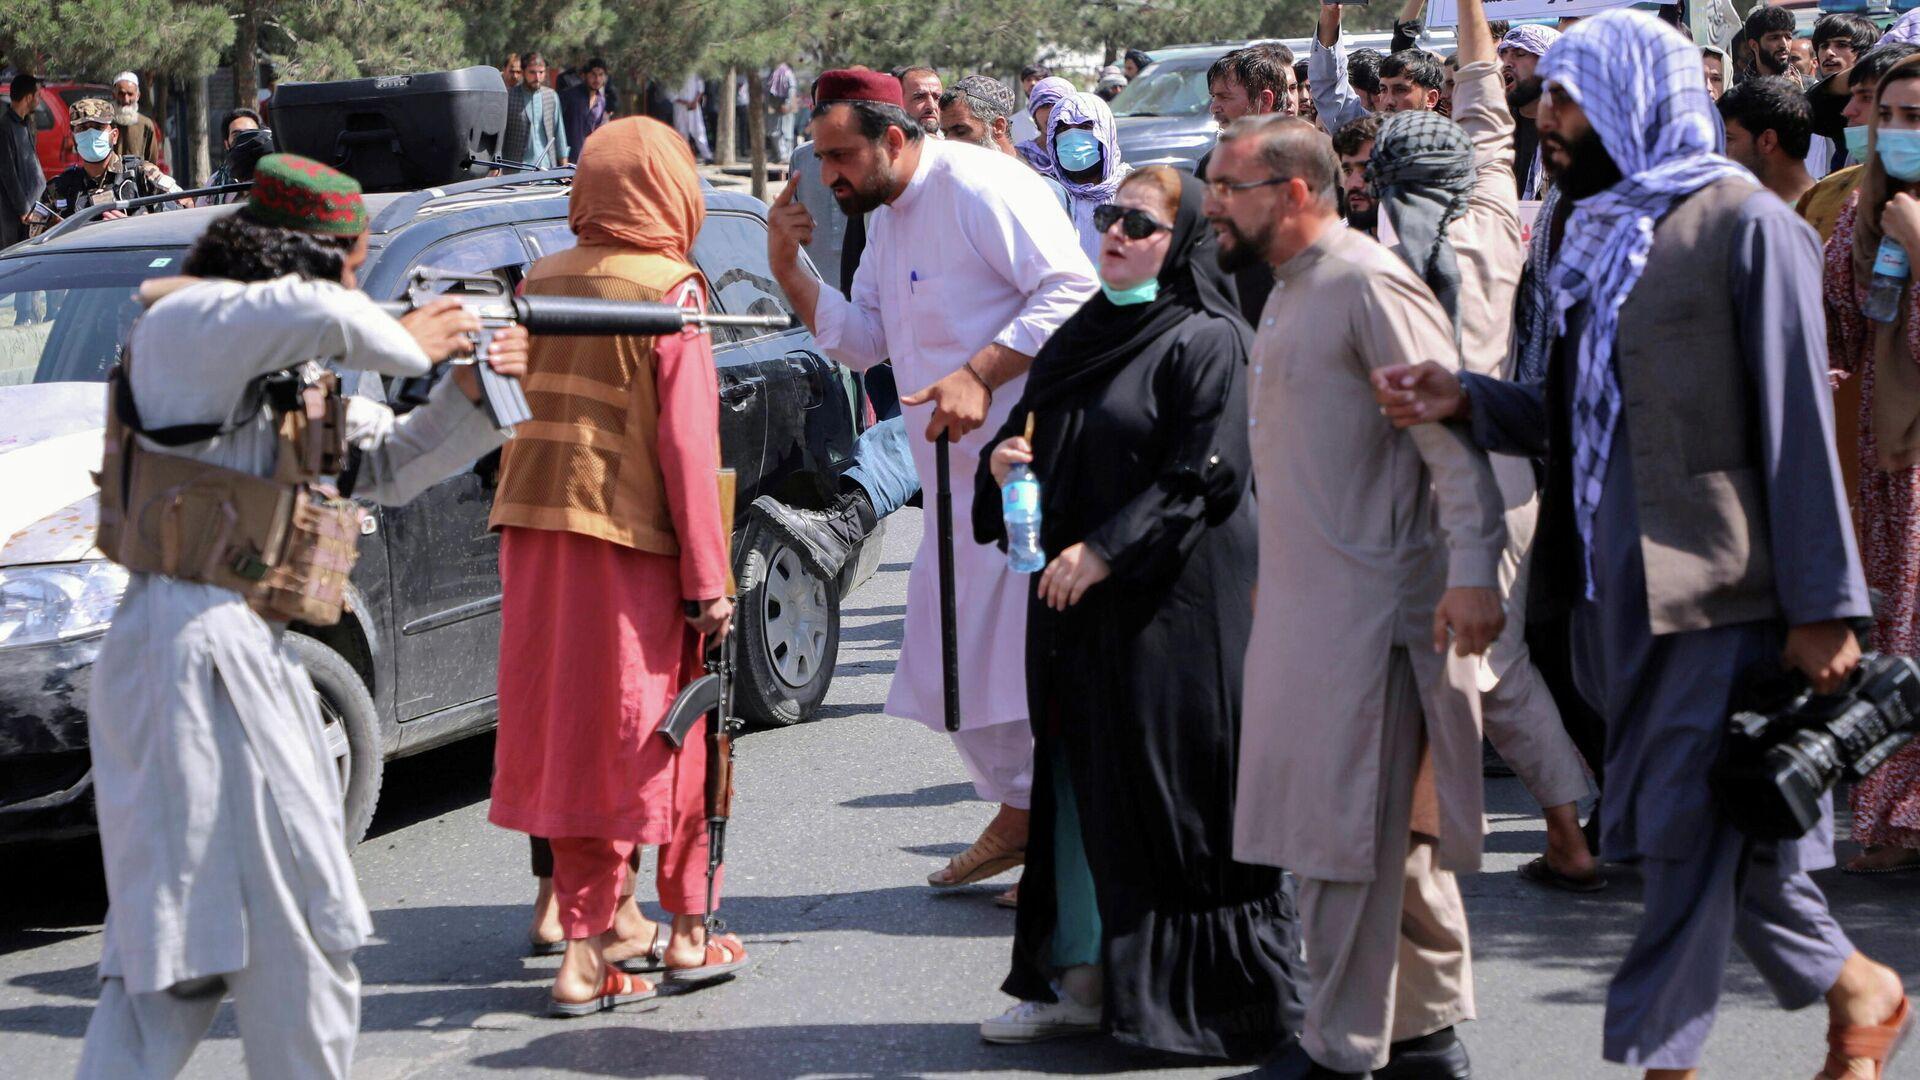 Afganistan başkenti Kabil'de Pakistan karşıtı gösteride kadınların başını çektiği protestoculara silah doğrultan Taliban militanı - Sputnik Türkiye, 1920, 10.09.2021